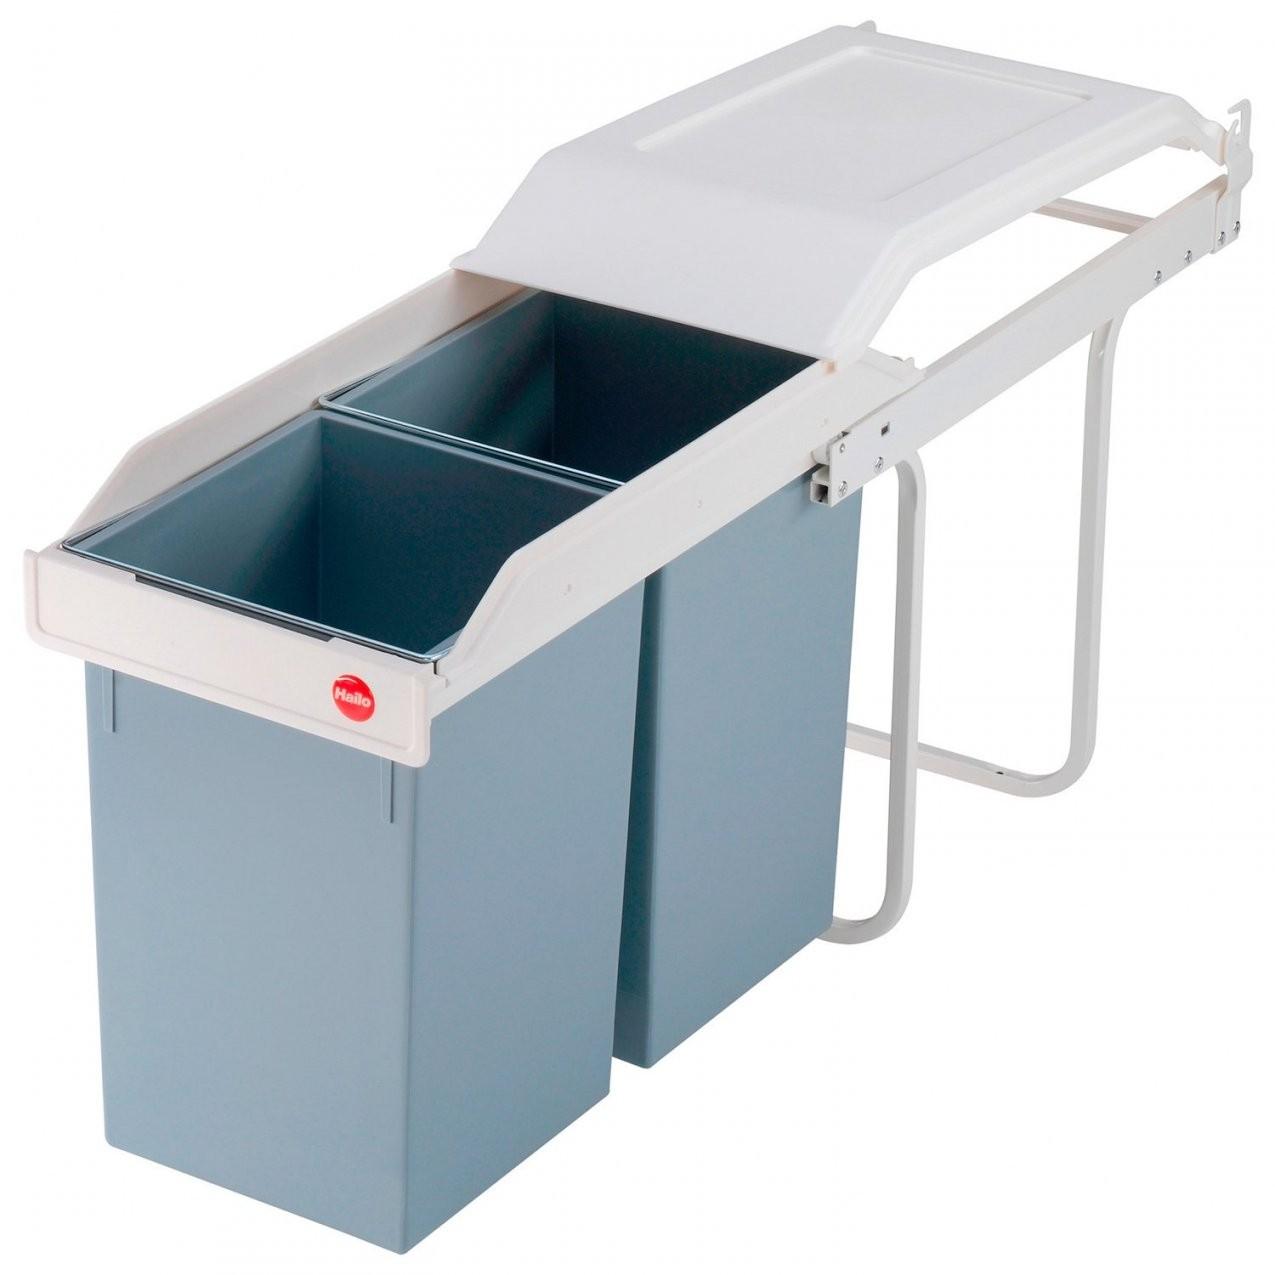 Hailo Mülleimer Online Kaufen Bei Obi von Mülleimer Küche Hailo Photo